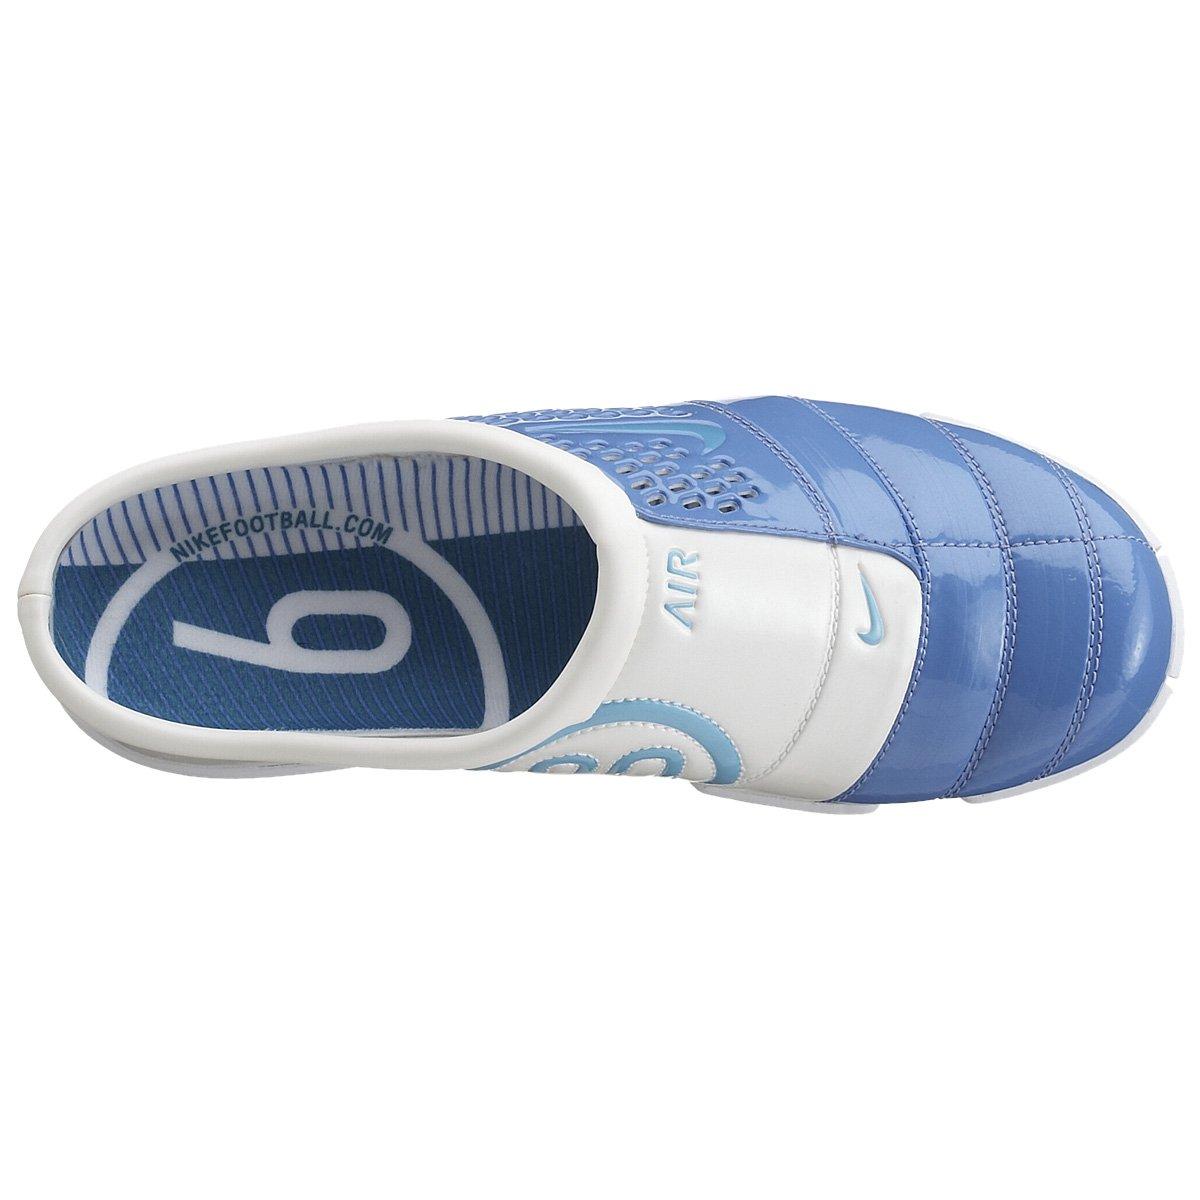 auténtica venta caliente última selección paquete elegante y resistente Nike WMNS Air Total 90 III MOC Lifestyleschuh, Größe 7, Polar ...